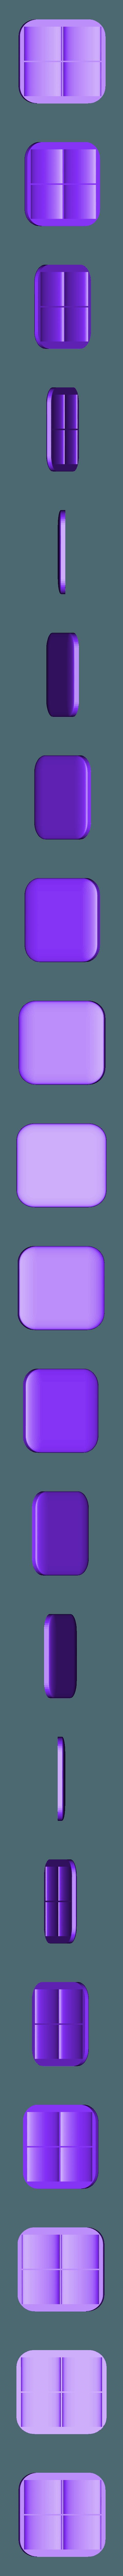 Tray (1).stl Télécharger fichier STL gratuit Plateau • Objet pour impression 3D, Mario55770